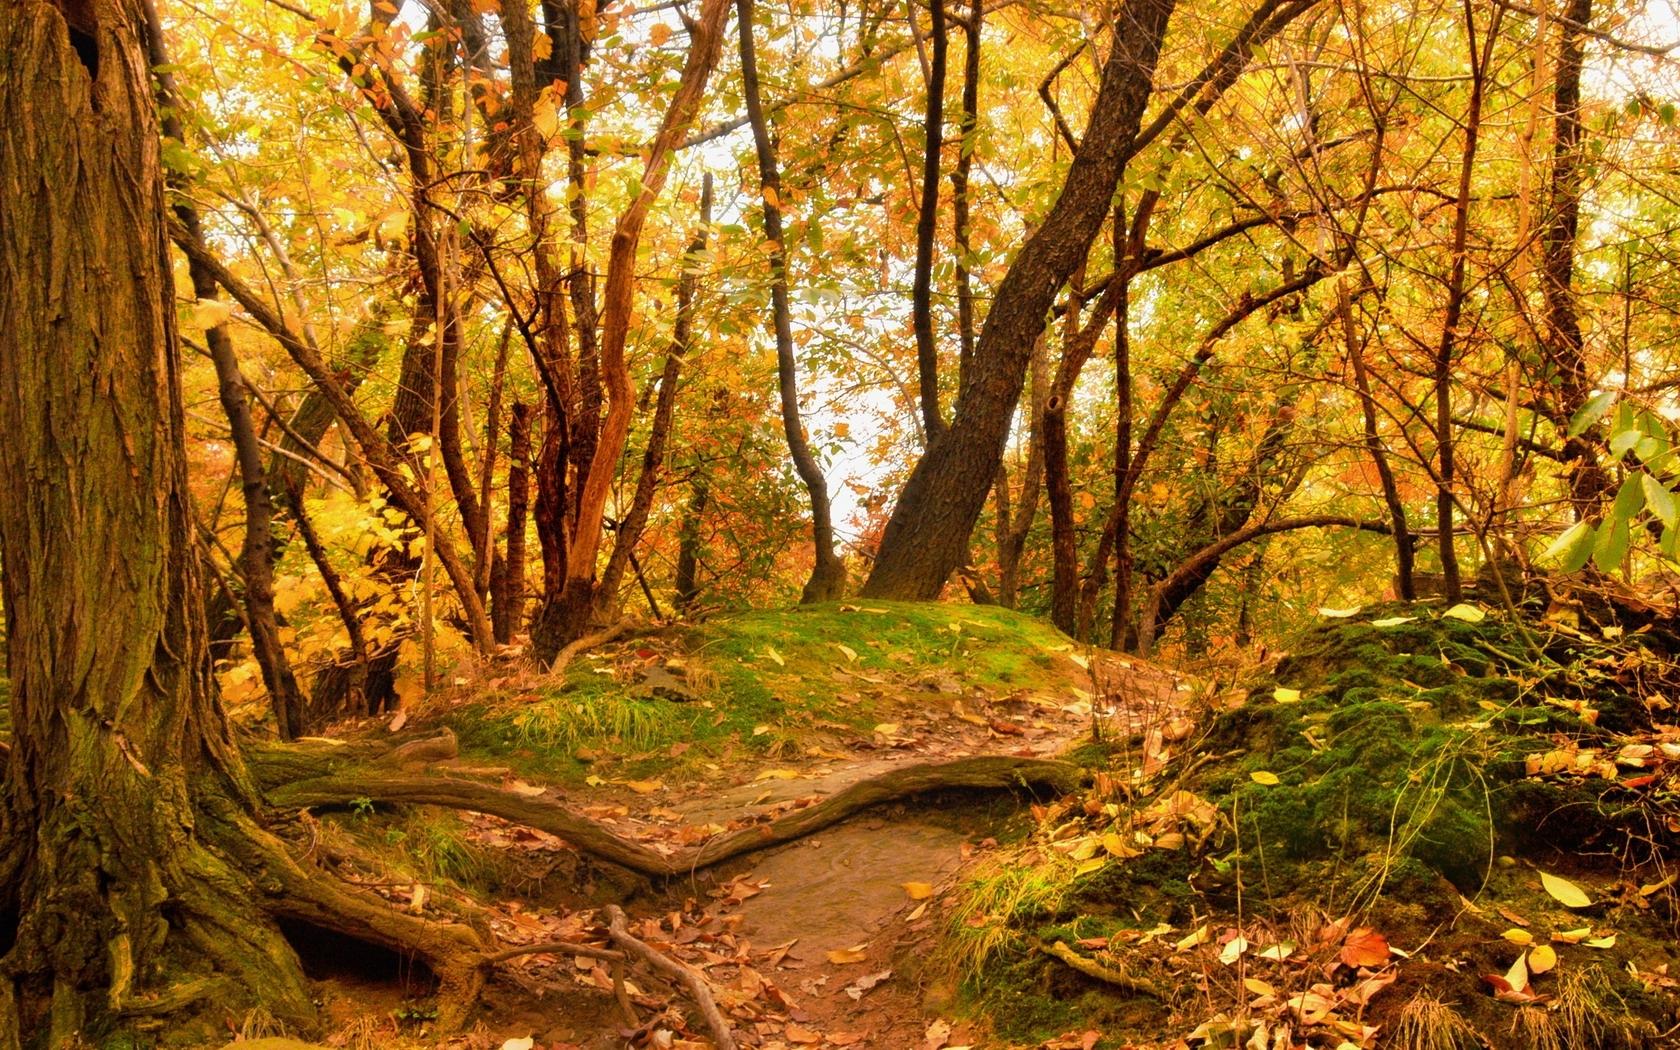 46055 скачать обои Пейзаж, Природа, Деревья - заставки и картинки бесплатно